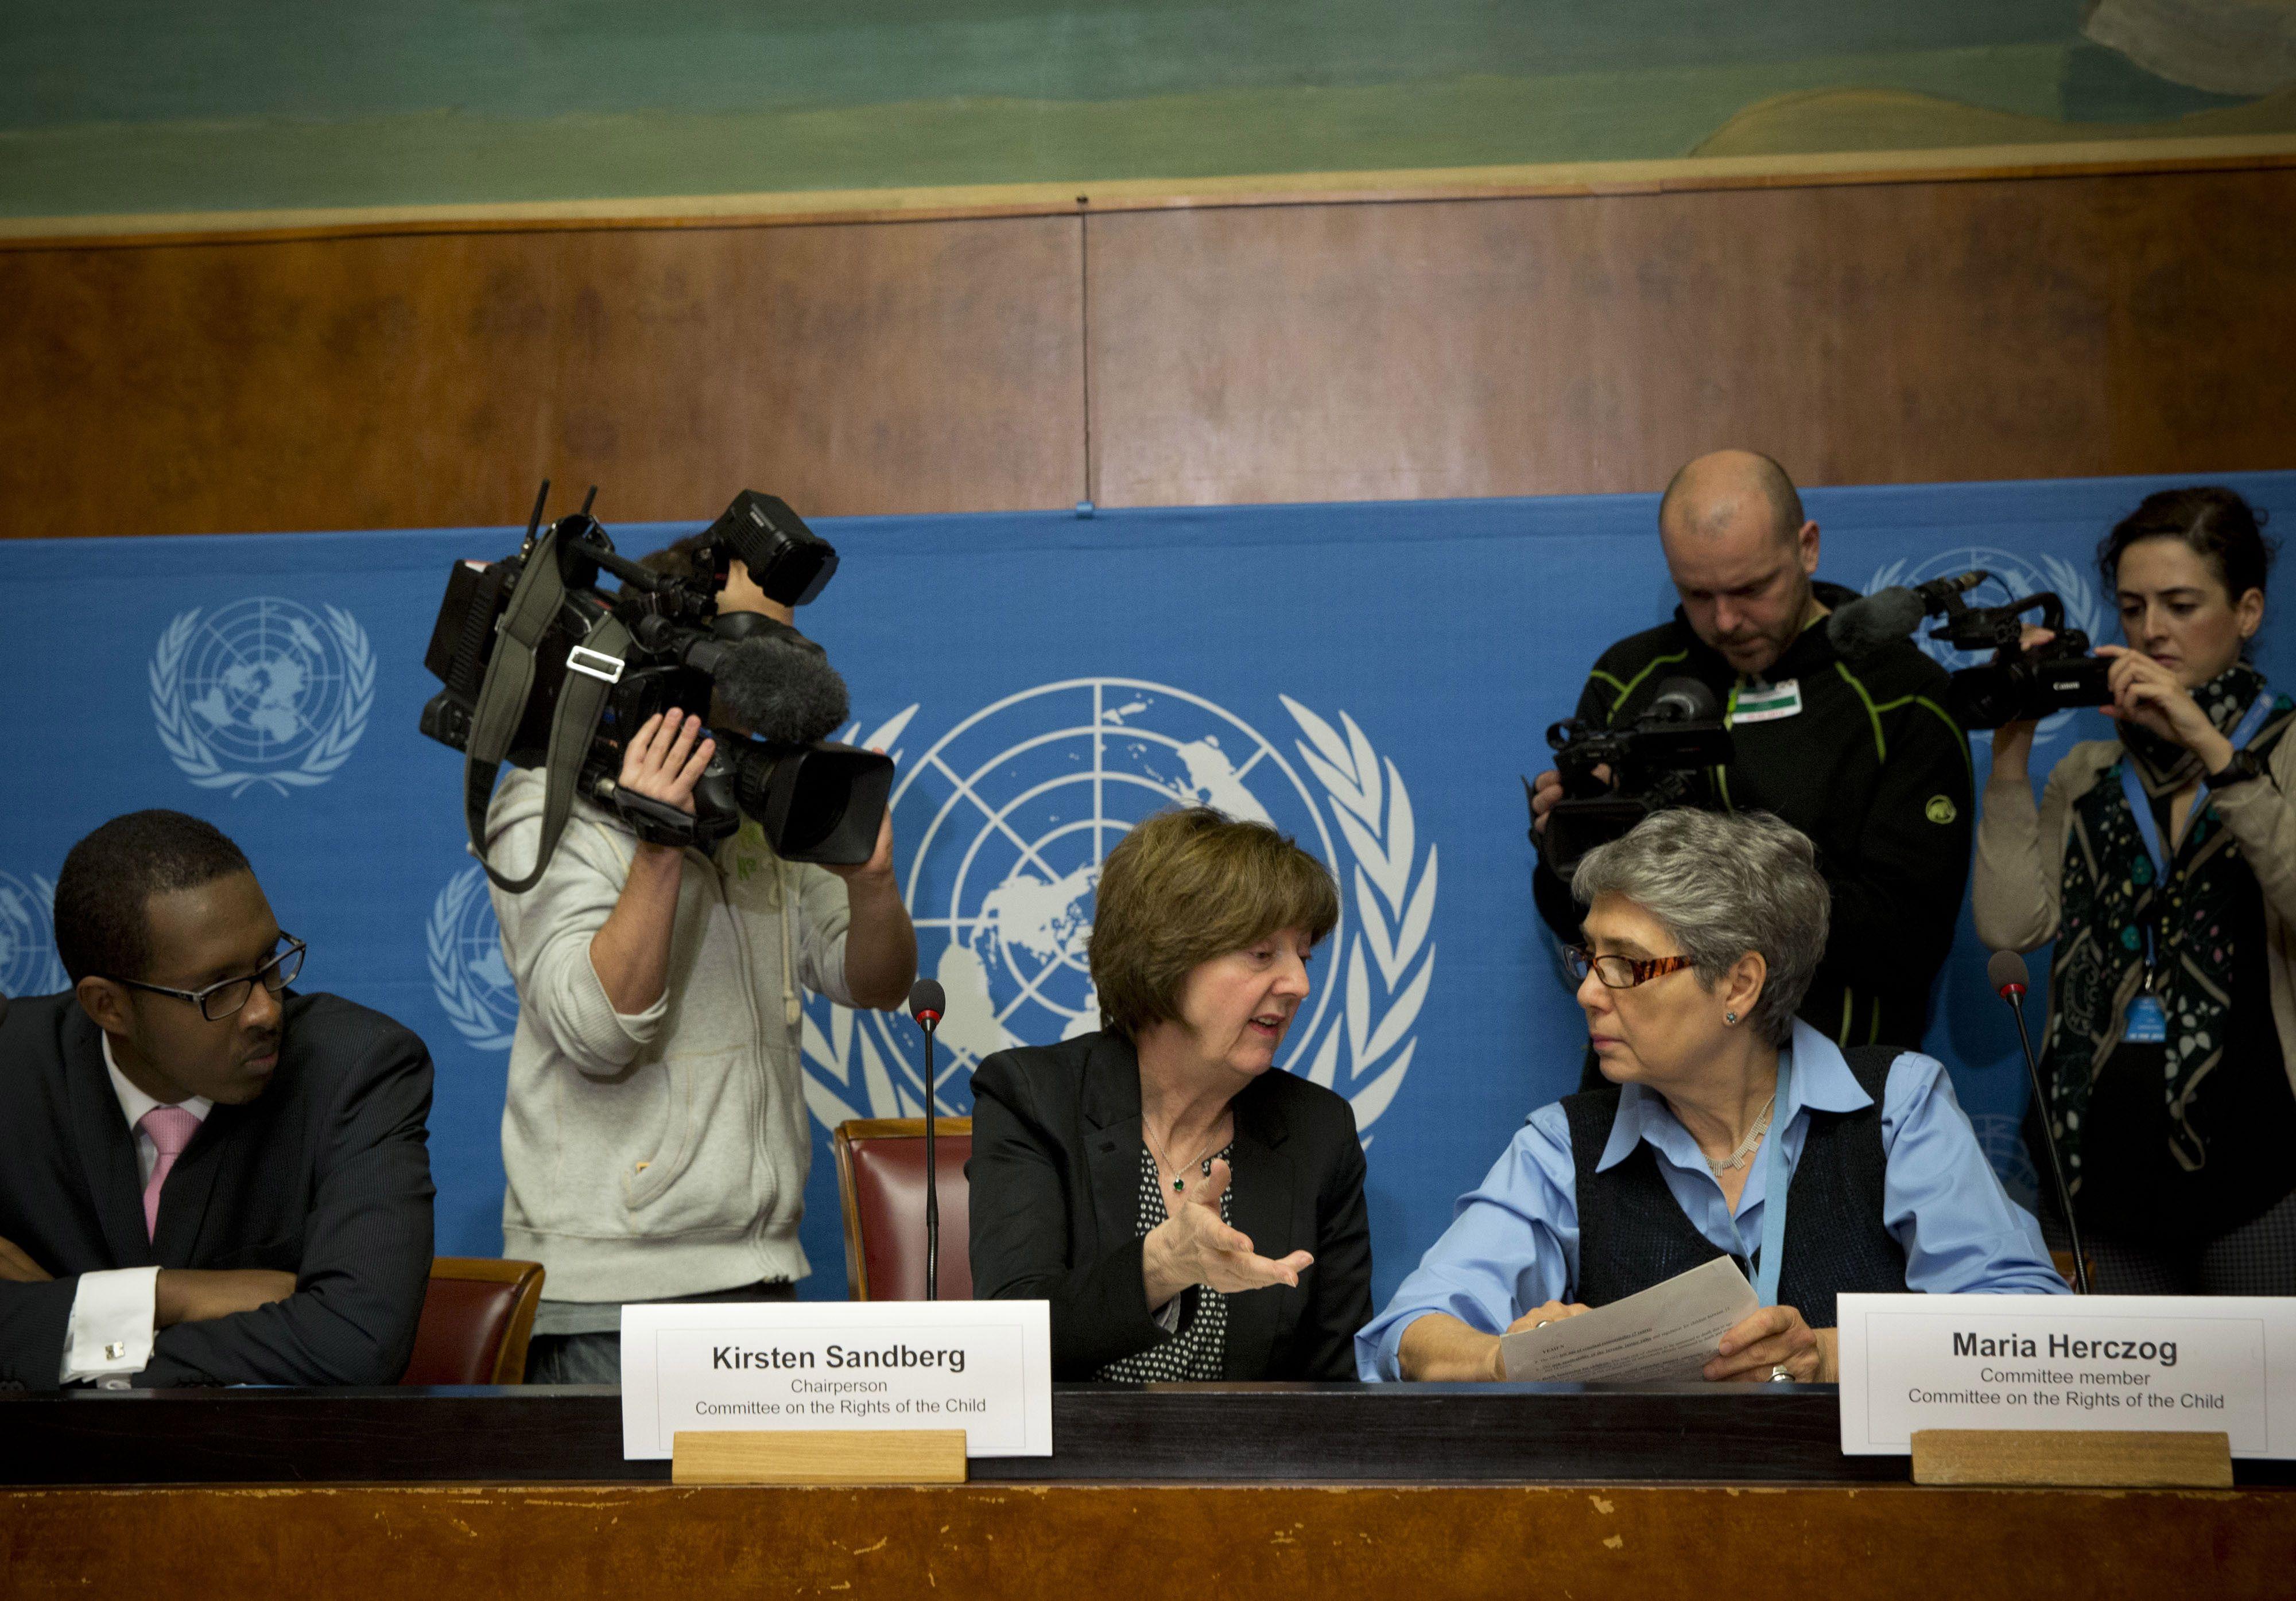 La presidenta del comité de la ONU